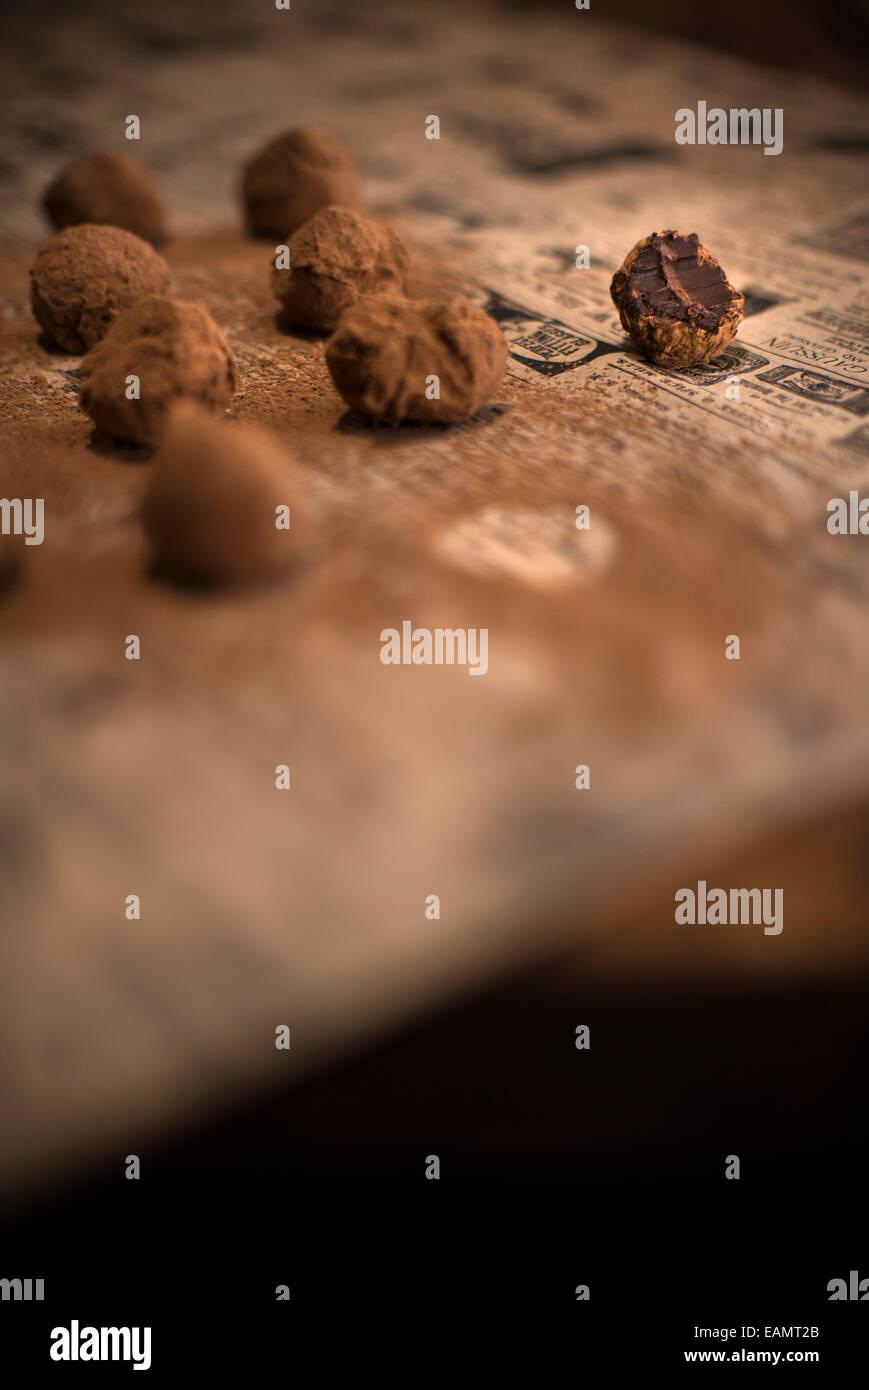 Rangées de truffes au chocolat recouvert de cacao sur un journal et surface en bois rustique. Un mordu de truffe Photo Stock